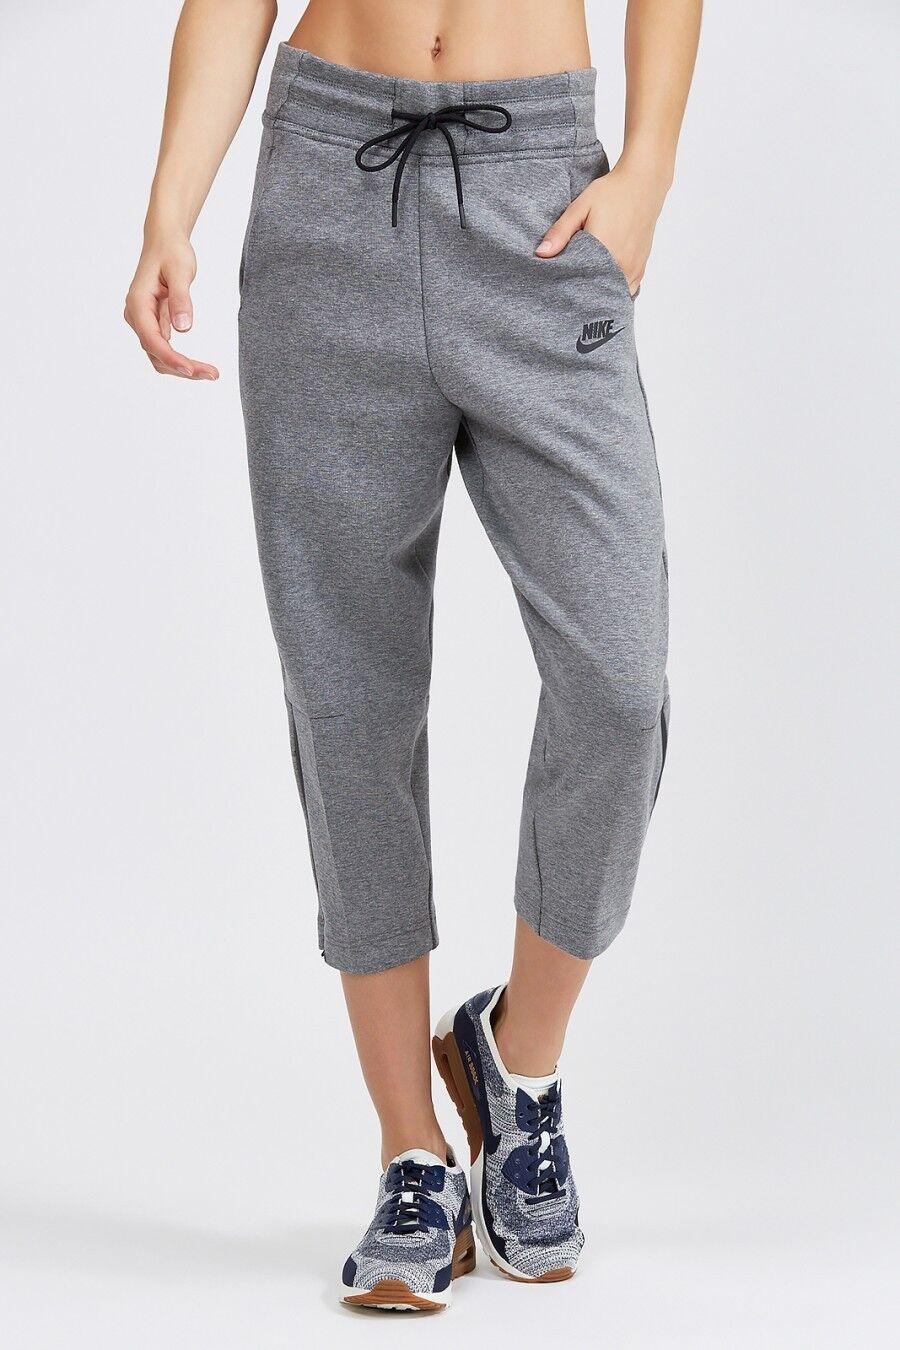 Nike Sportswear Tech Pile Pantaloni Donna Carbon Heather Running WALKING PALESTRA